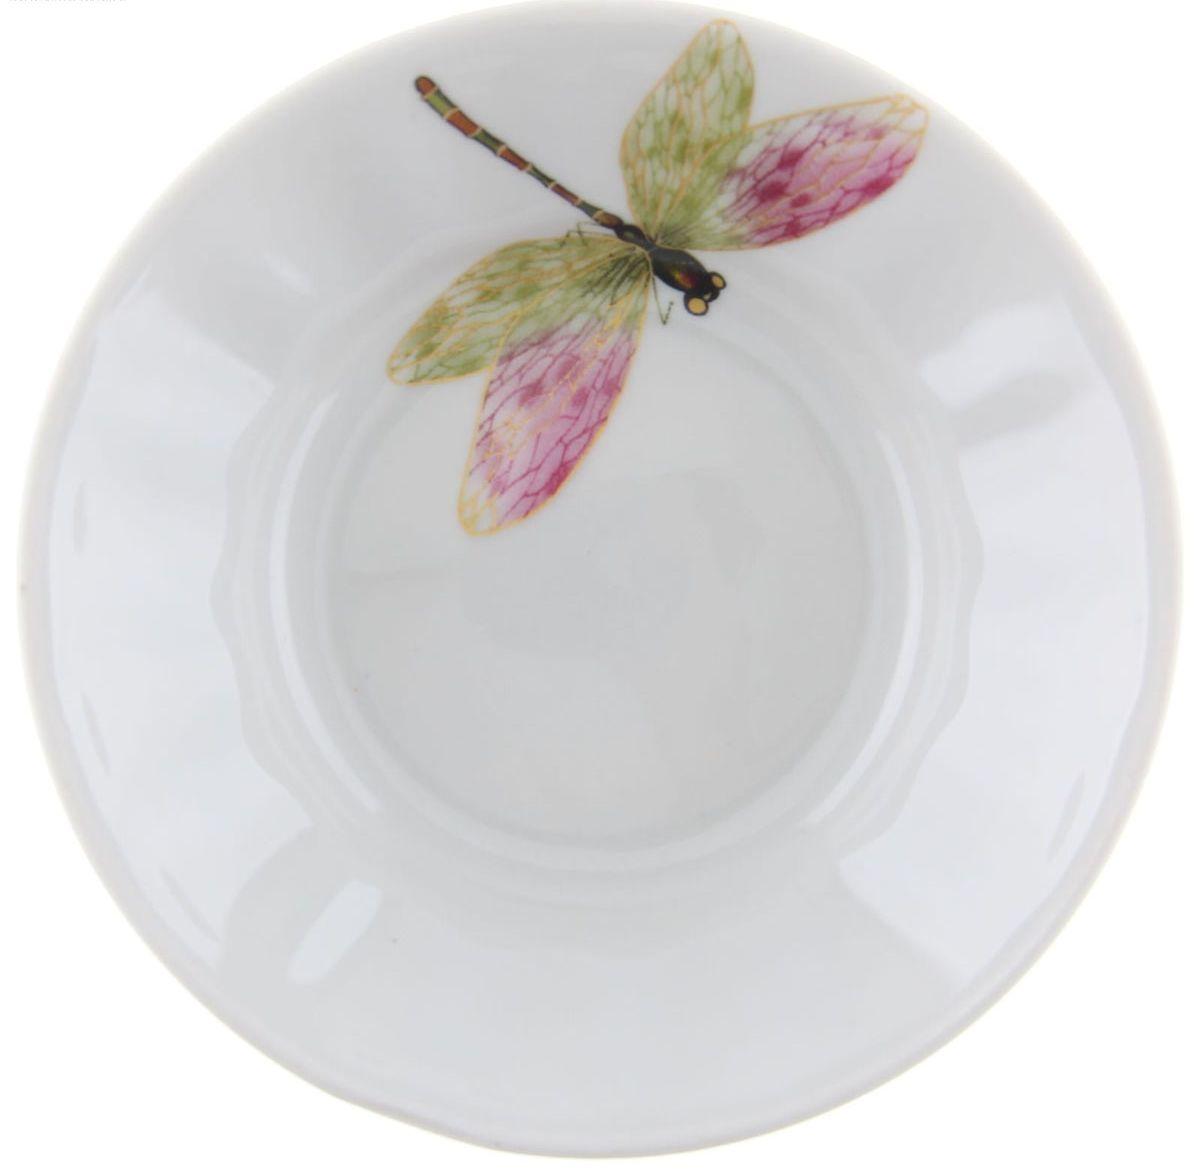 Блюдце для варенья Стрекоза, диаметр 11 см1303761